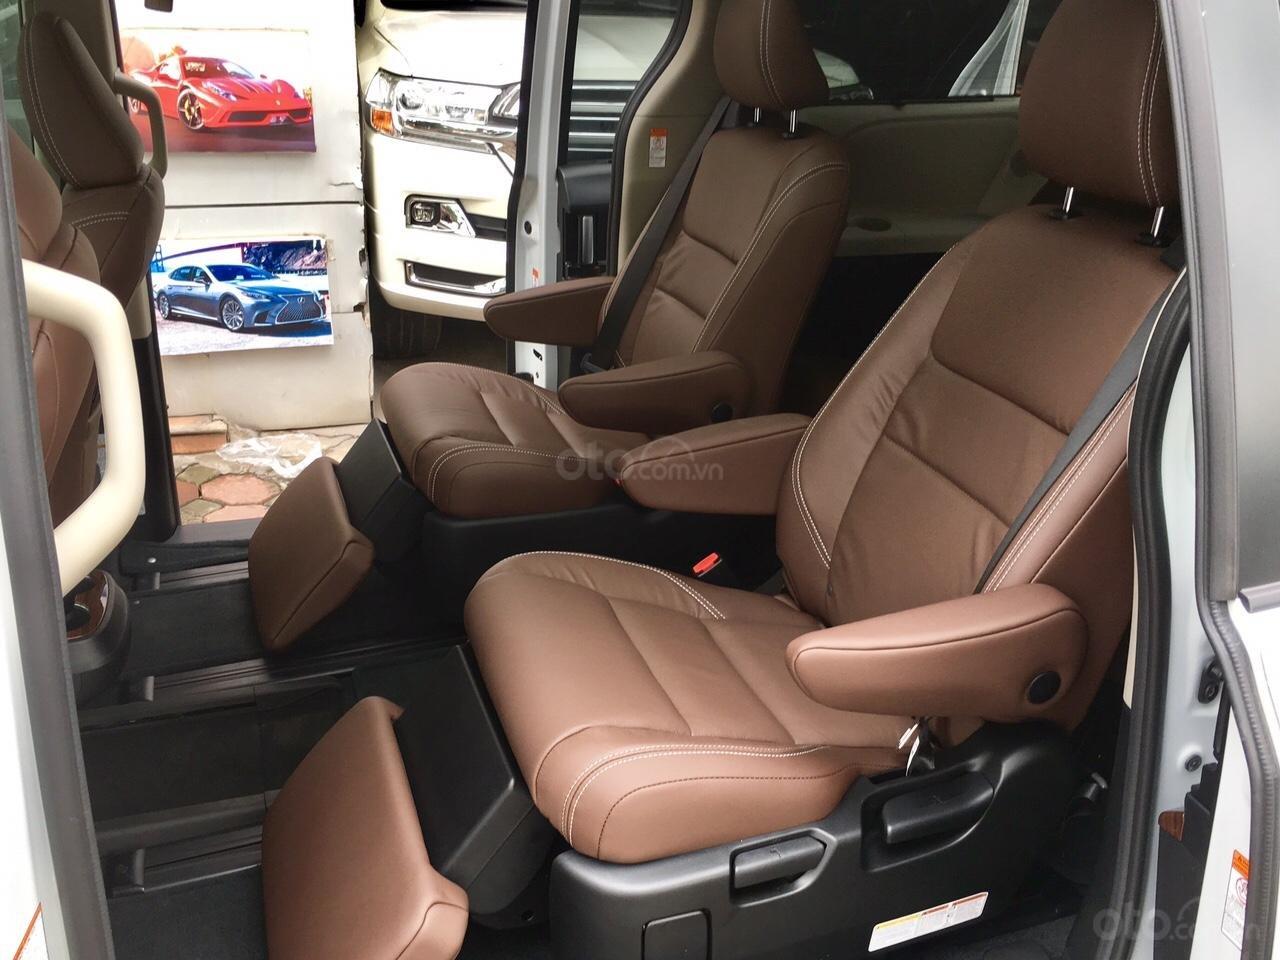 Bán Toyota Sienna Limited sản xuất 2019, mới 100%, đủ màu giao ngay, giá rẻ nhất (19)